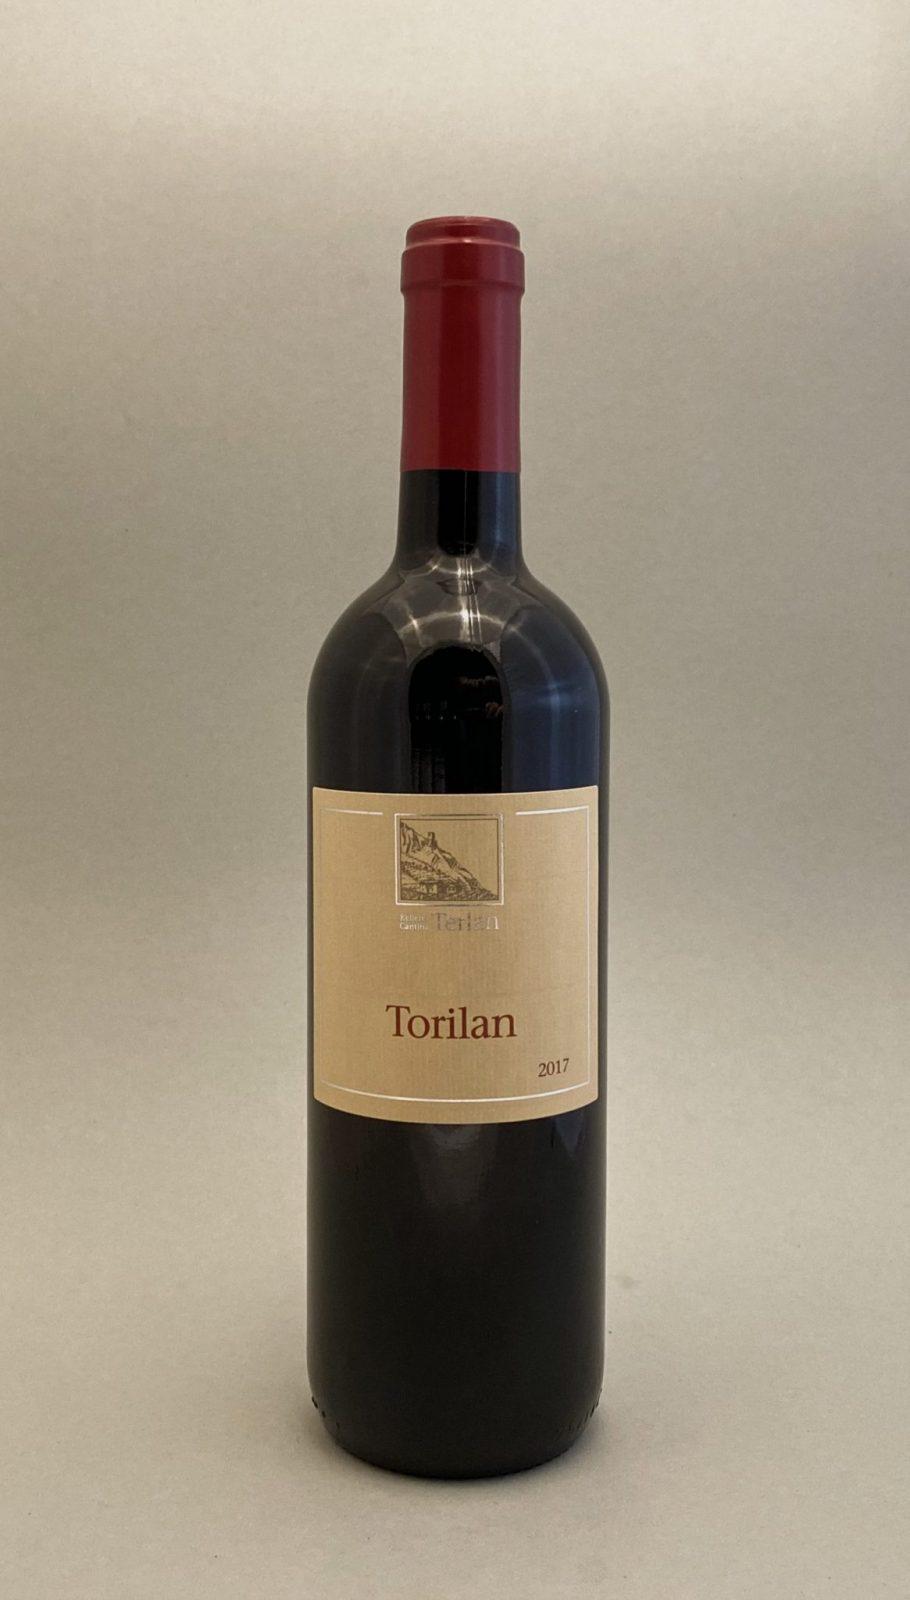 TERLAN Torilan 2017, vinoteka Sunny wines slnecnice mesto, Bratislava petrzalka, vino červené z Talianska